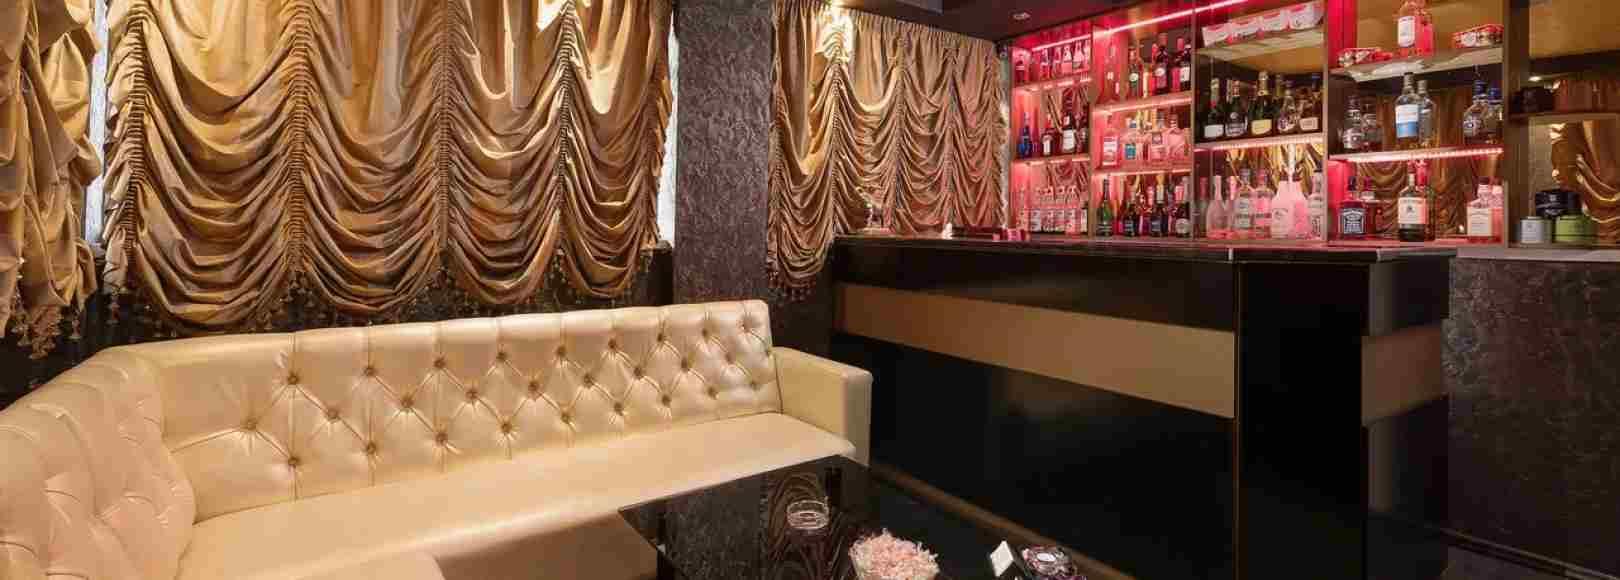 Стриптиз бар в ростове на дону видео из московских ночных клубов